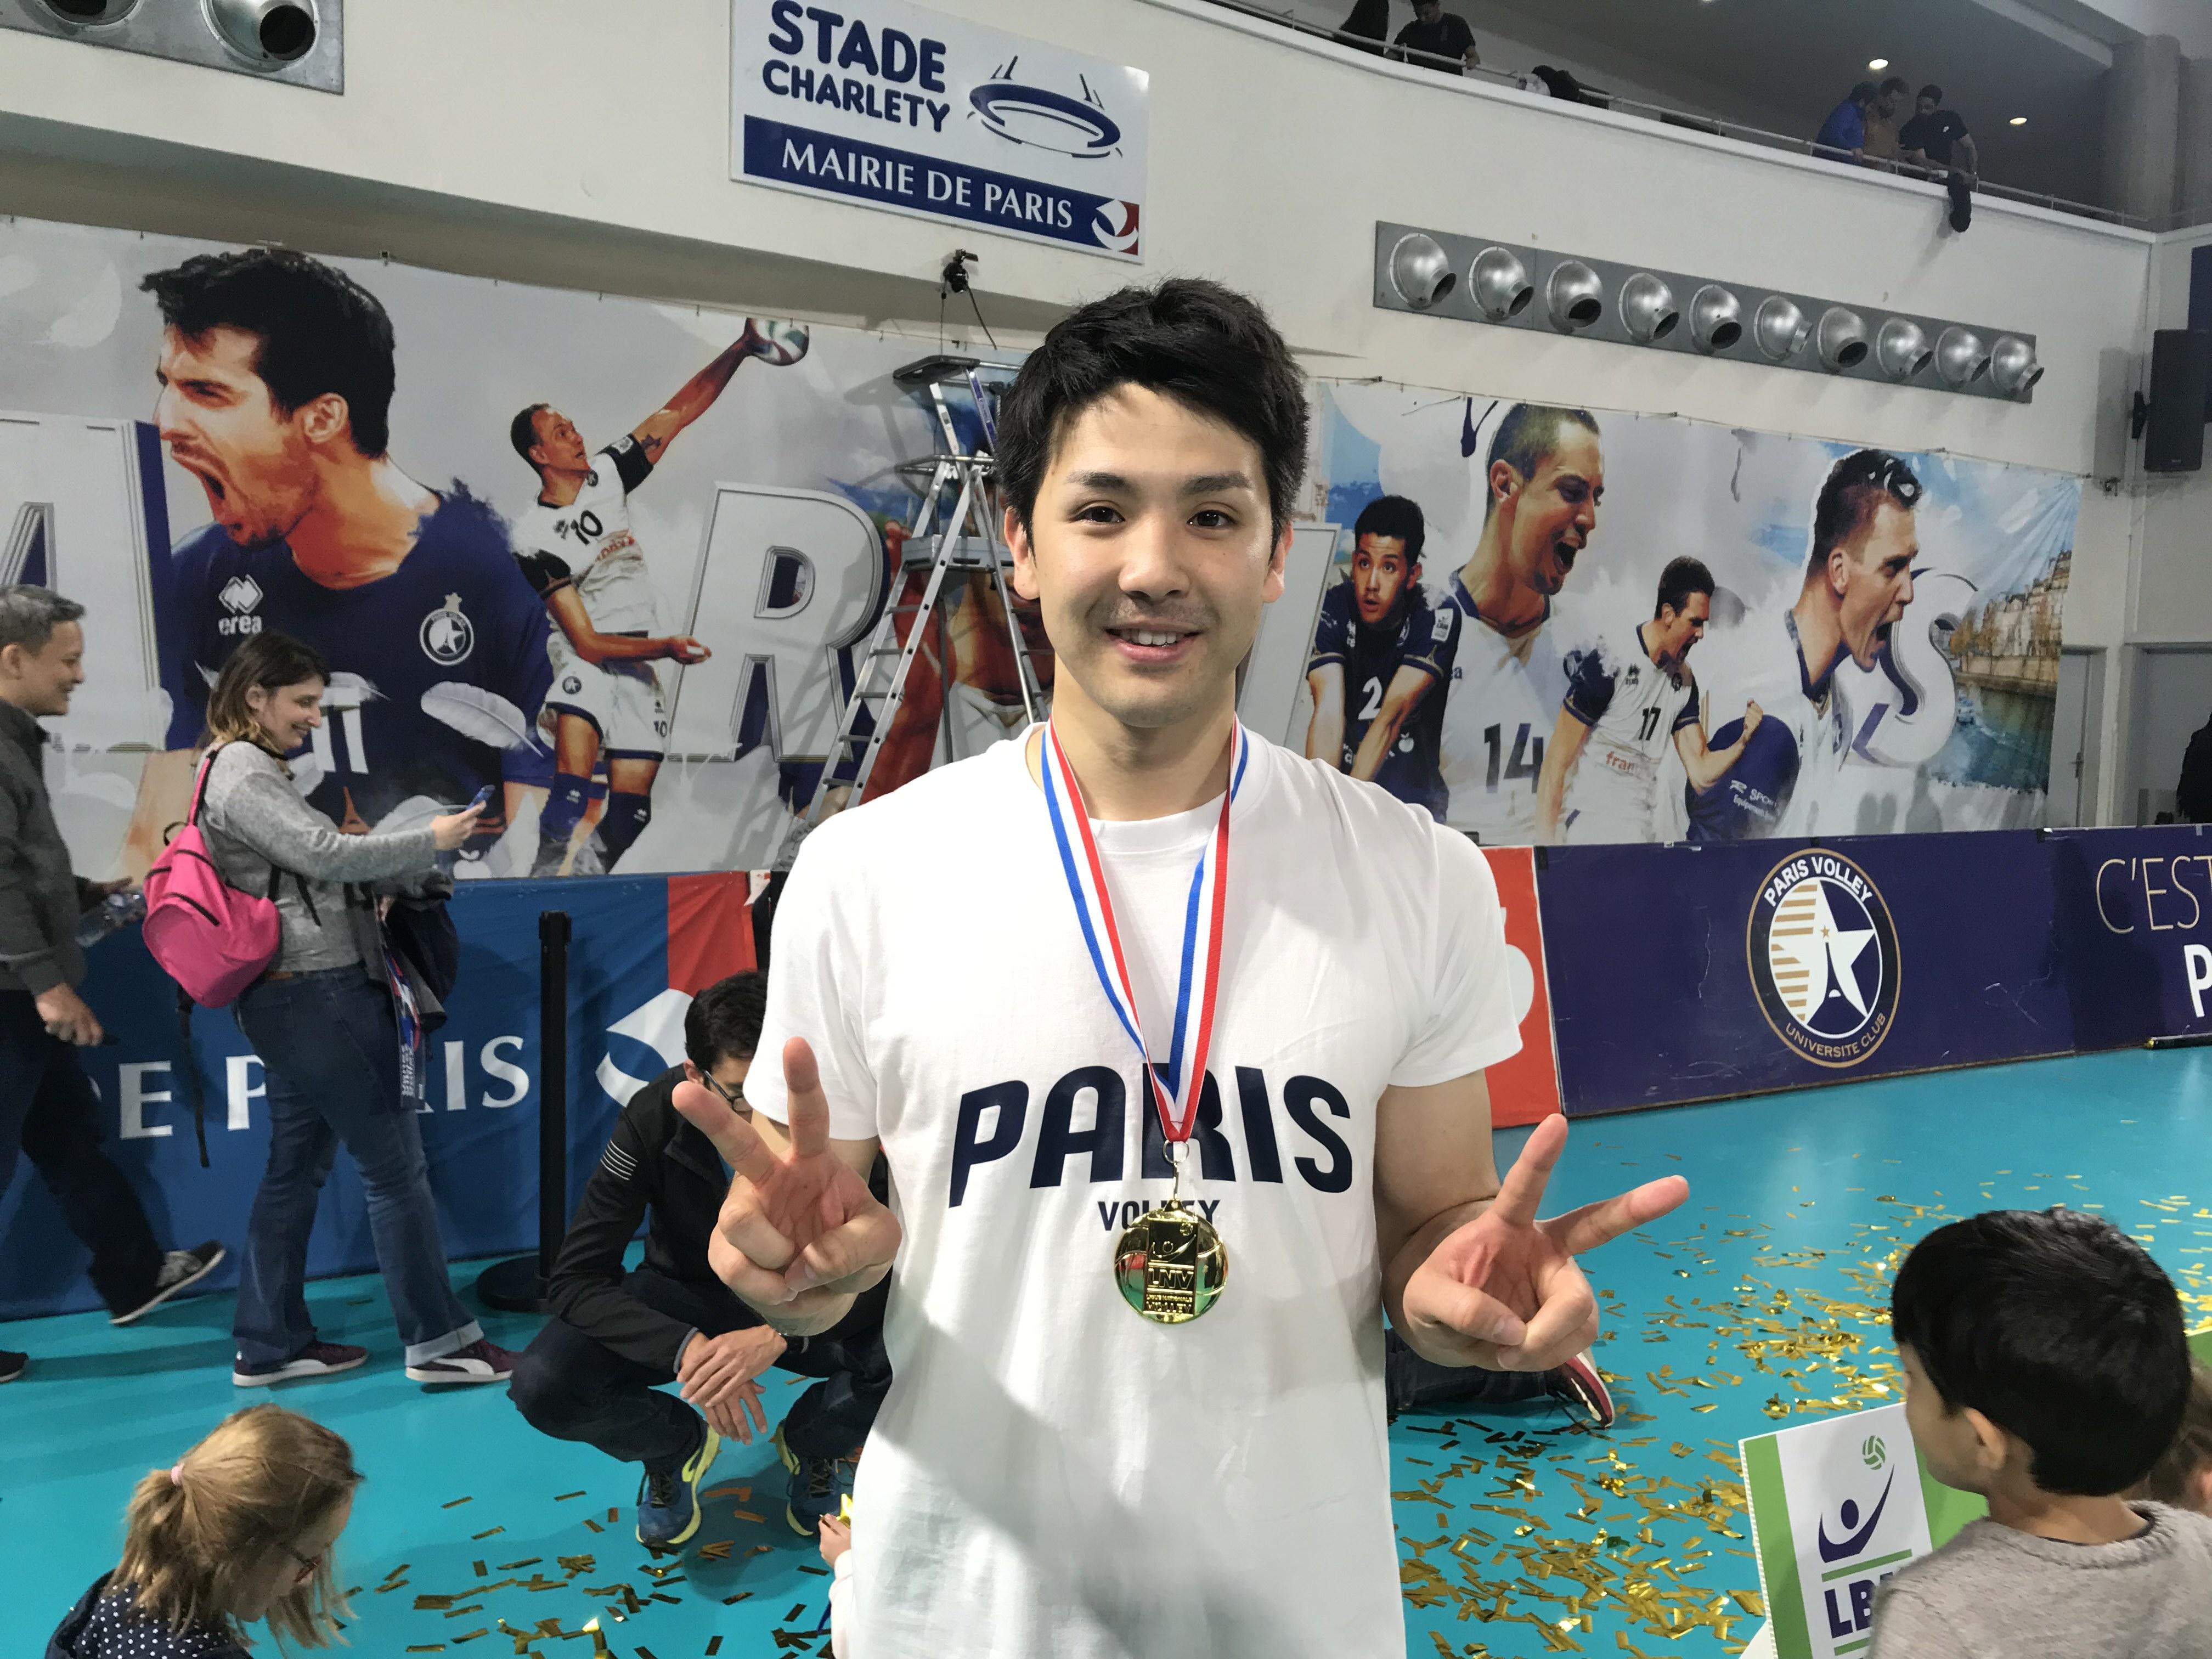 フランスで活躍! 若き日本人バレーボール選手